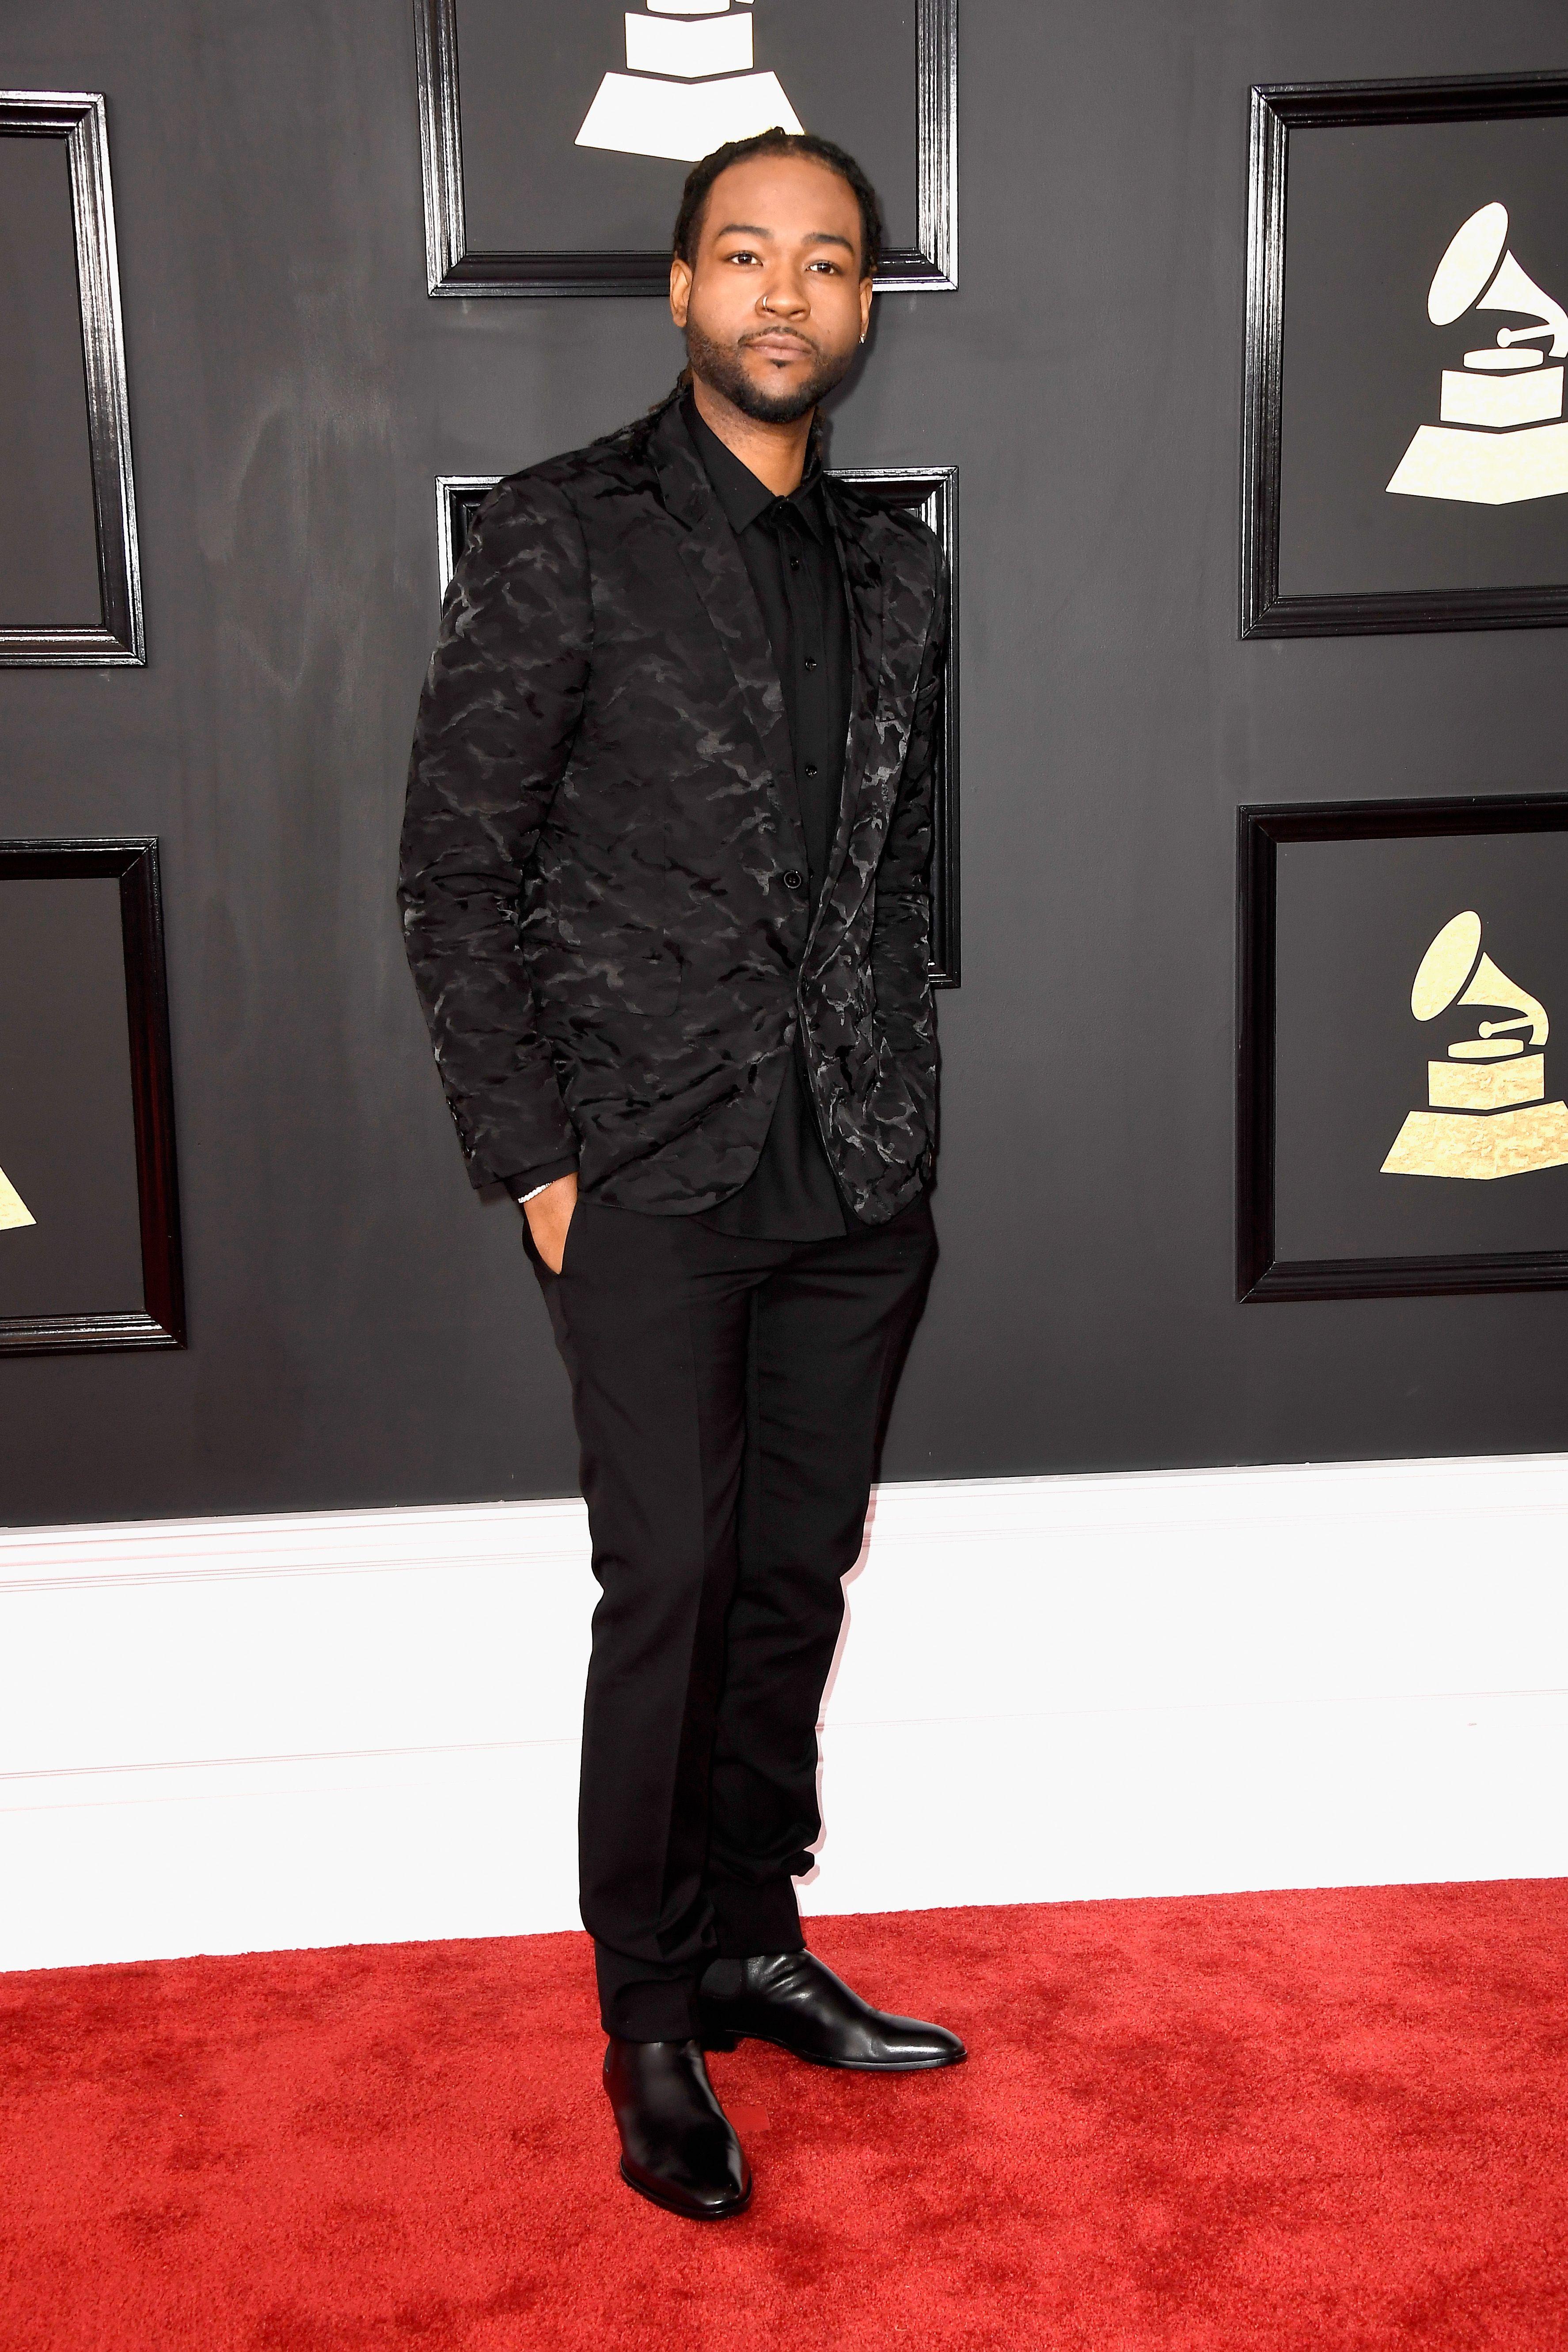 Significado de ver hombre vestido de negro